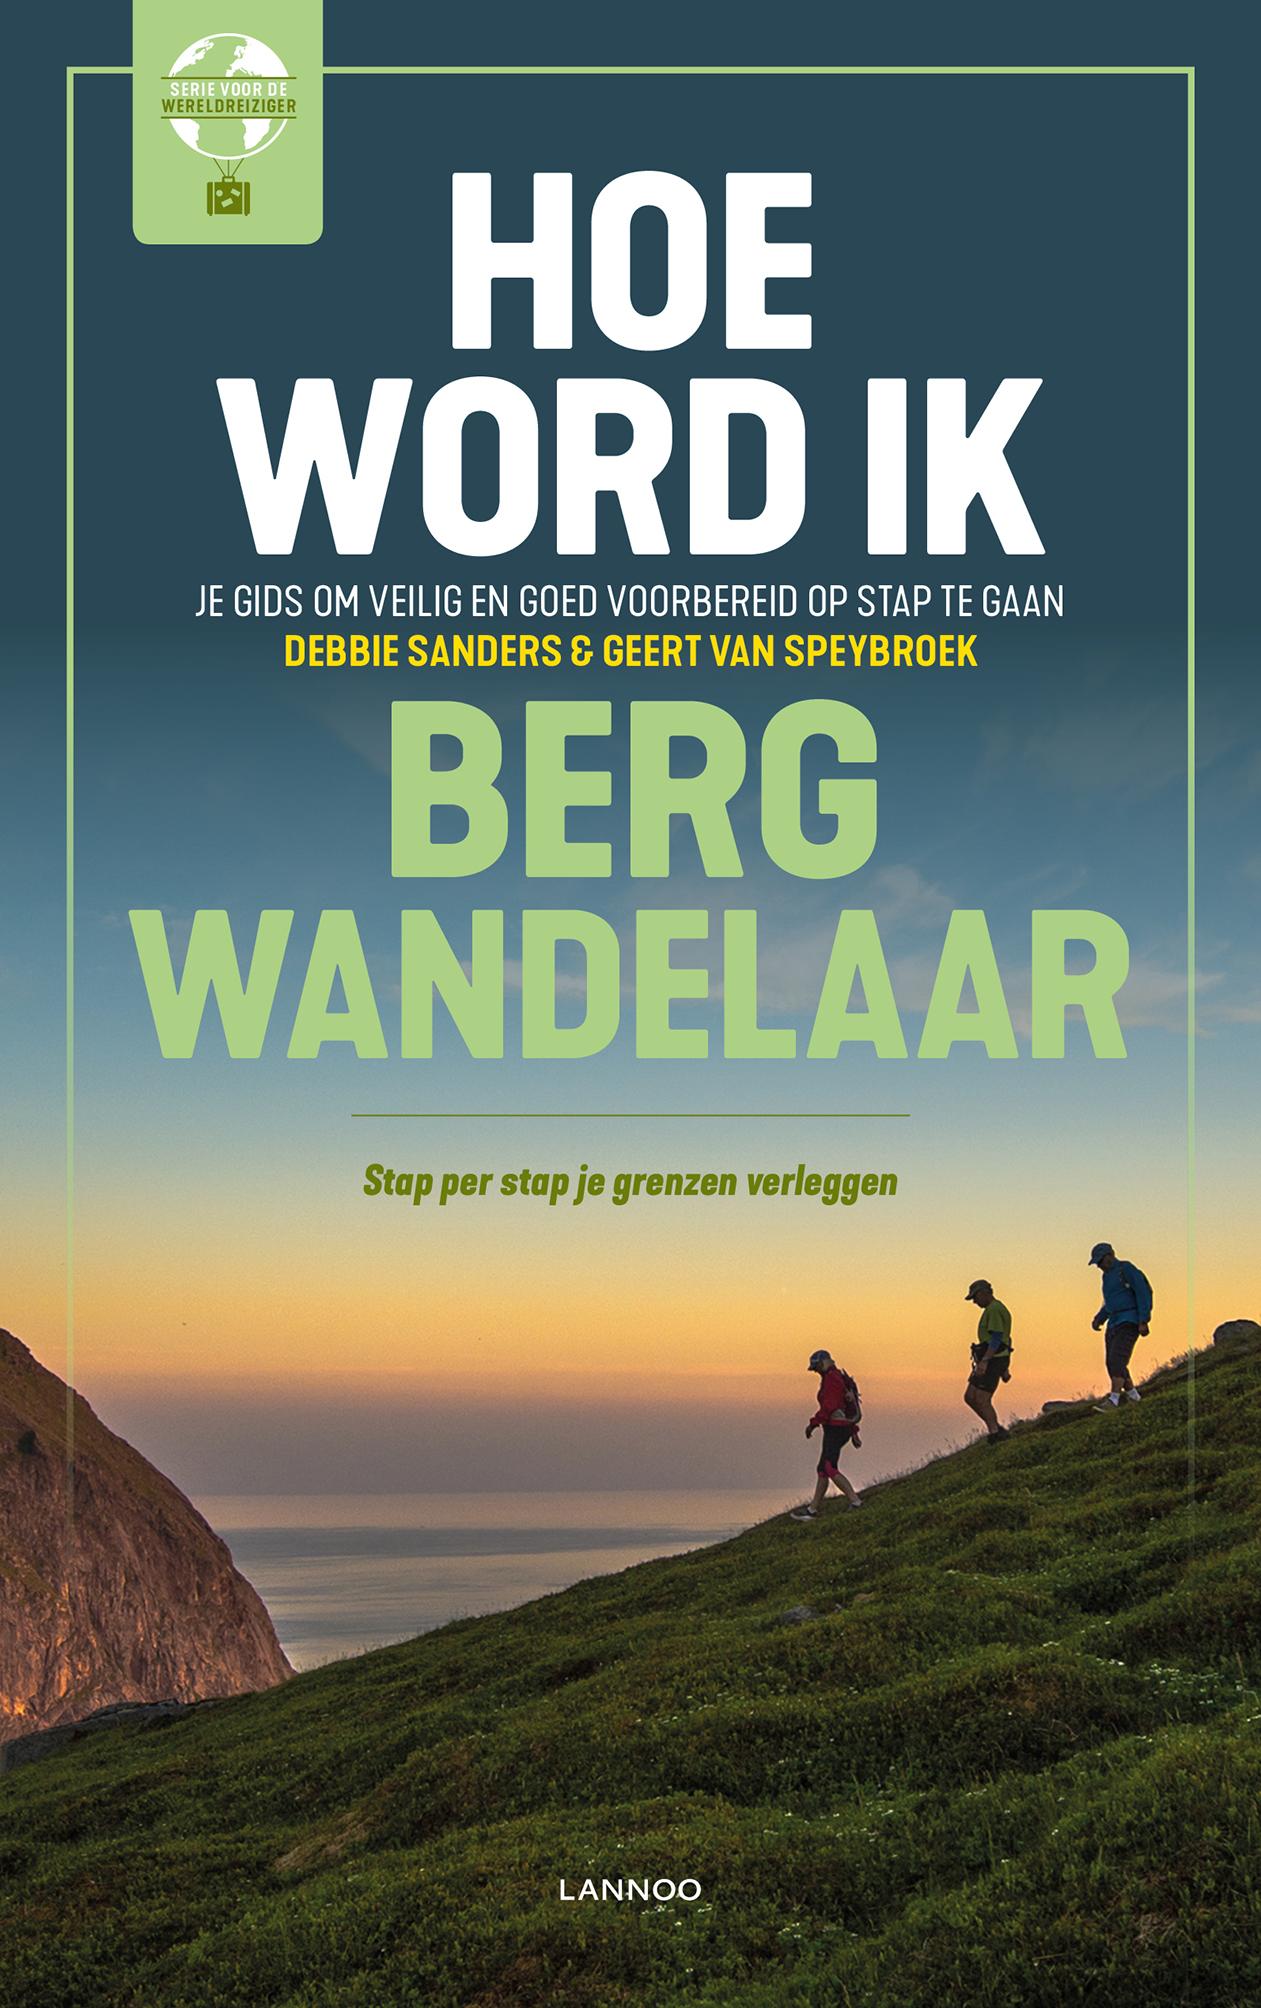 Hoe word ik bergwandelaar? 9789401453202 Debbie Sanders, Gert van Speybroek Lannoo   Wandelgidsen Reisinformatie algemeen